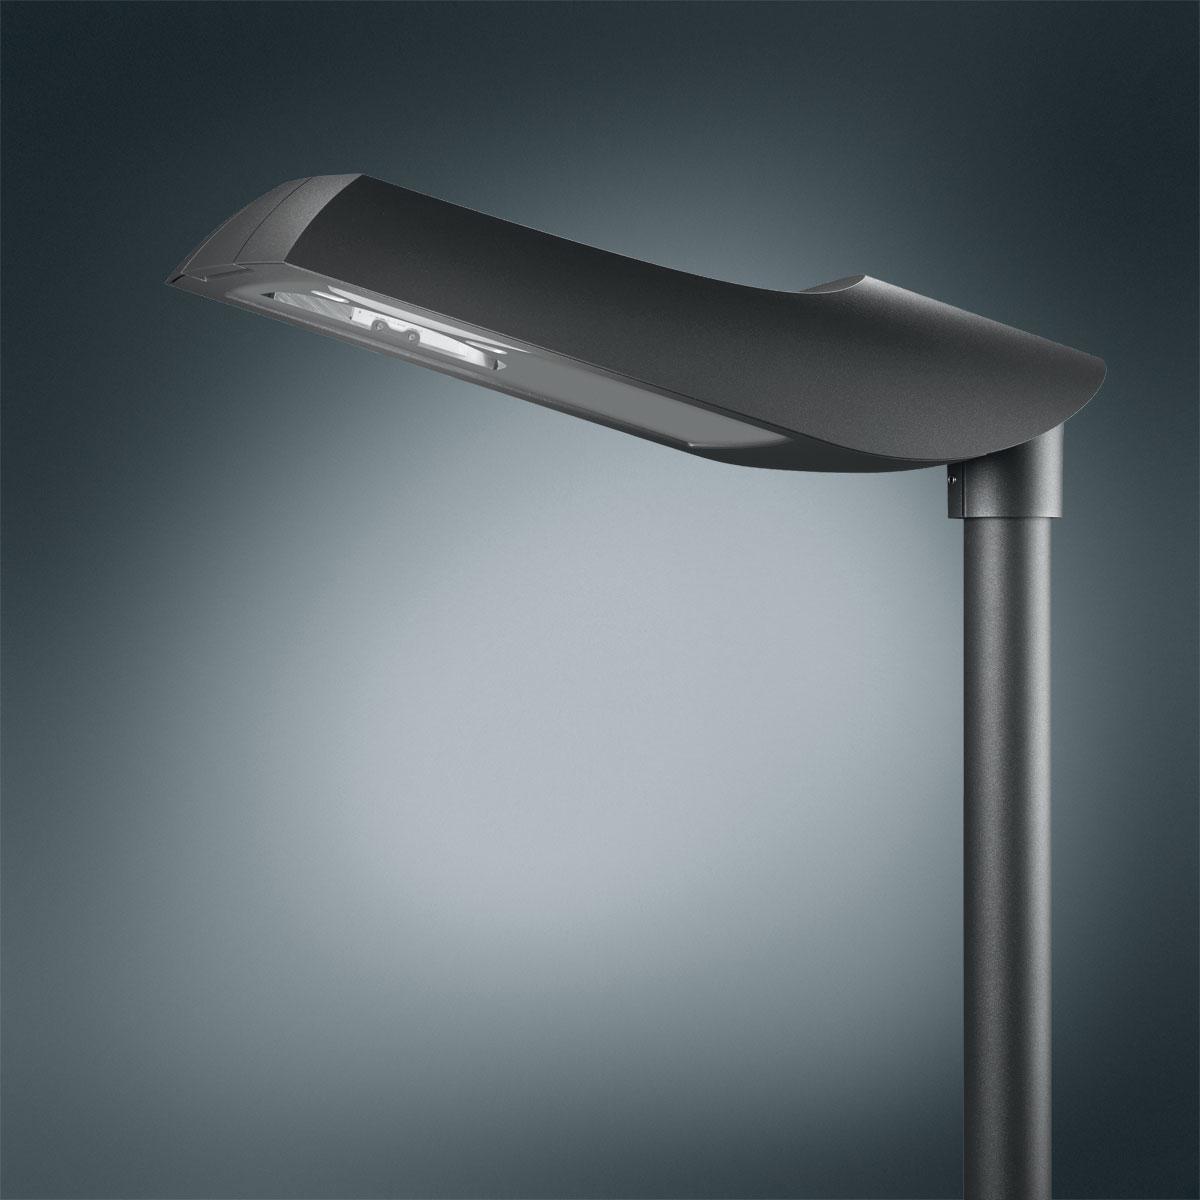 anliegerstra en led stra enbeleuchtung trilux. Black Bedroom Furniture Sets. Home Design Ideas